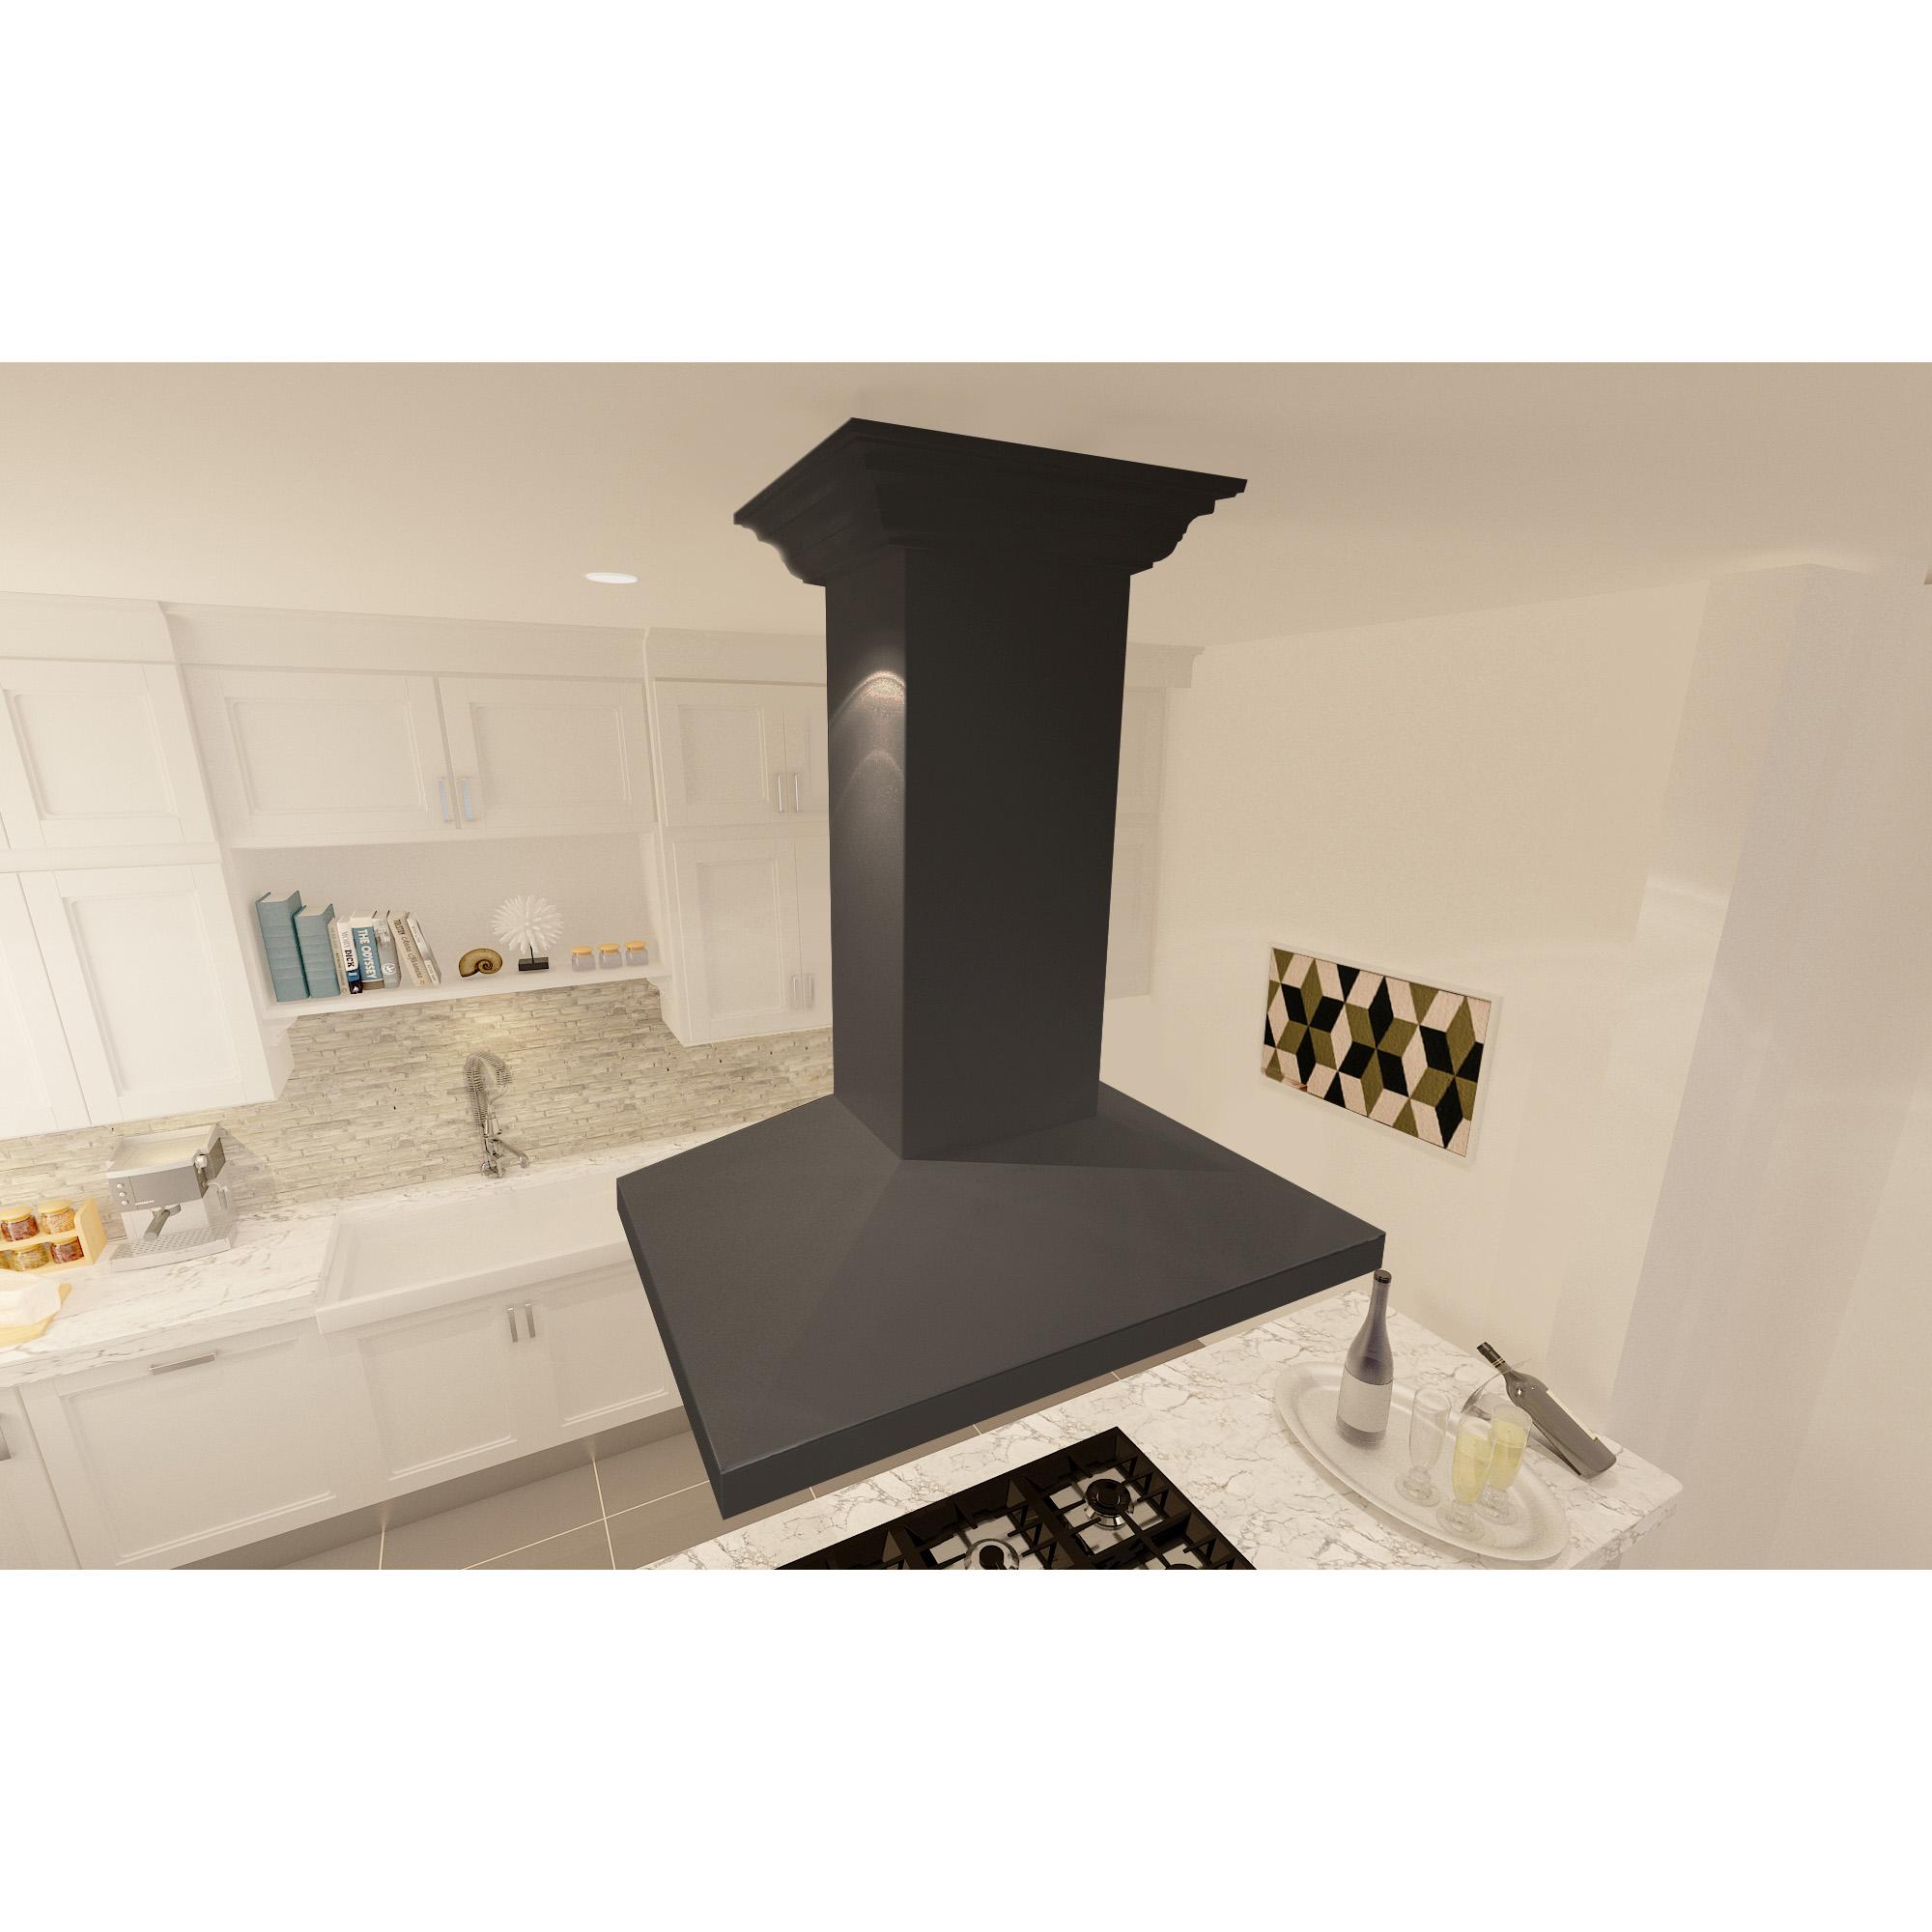 zline-designer-wood-range-hood-KBiCC-kitchen-1.jpg